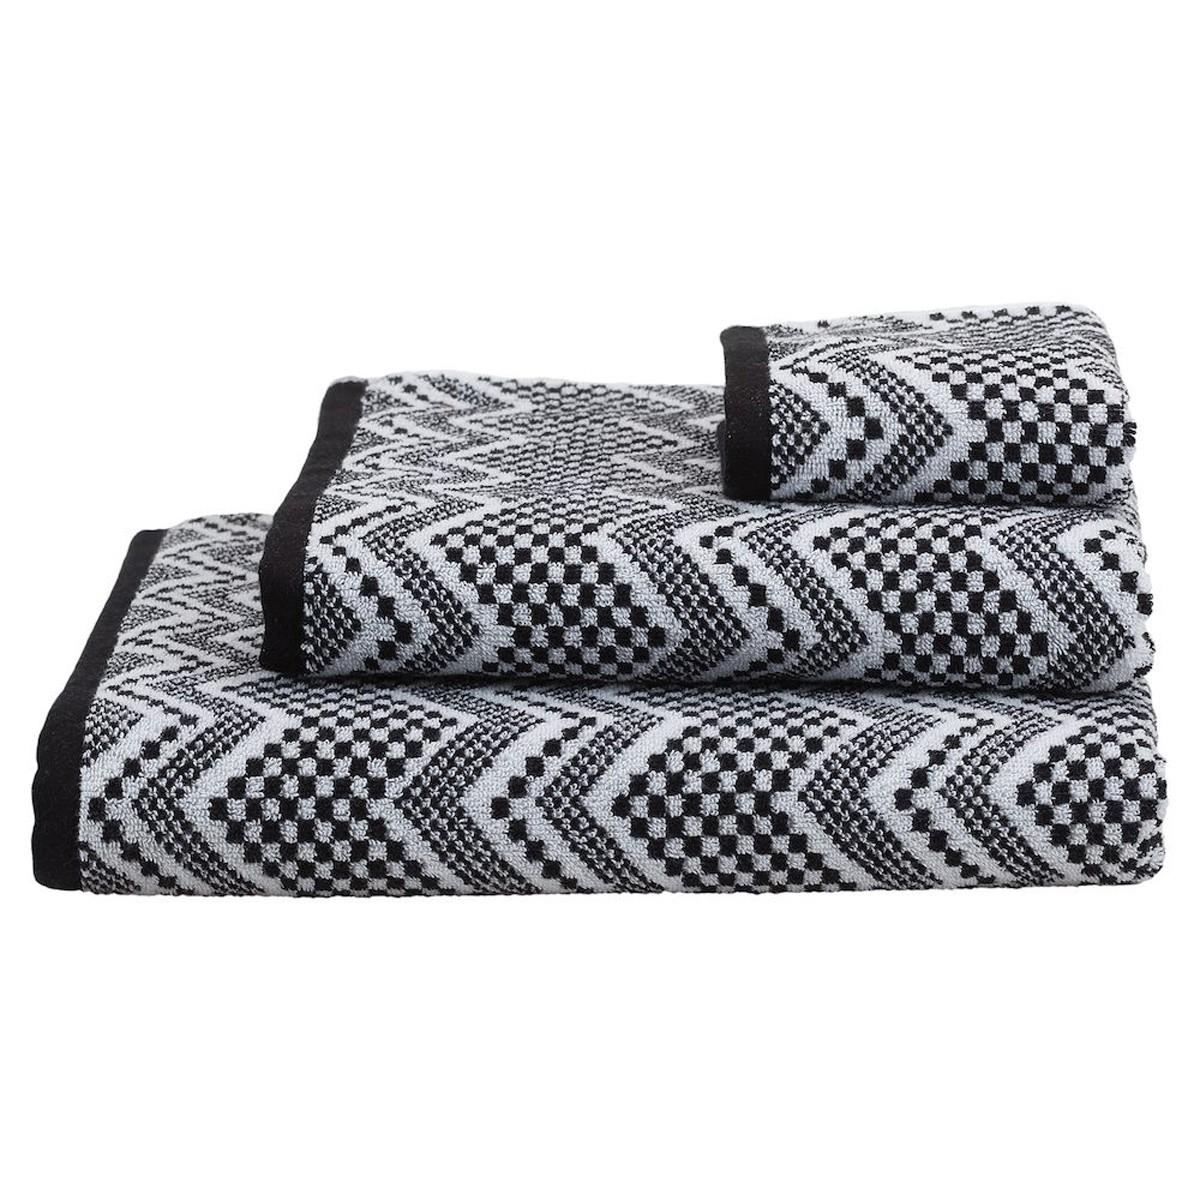 Πετσέτα Προσώπου (60x110) SealSkin Portofino Black